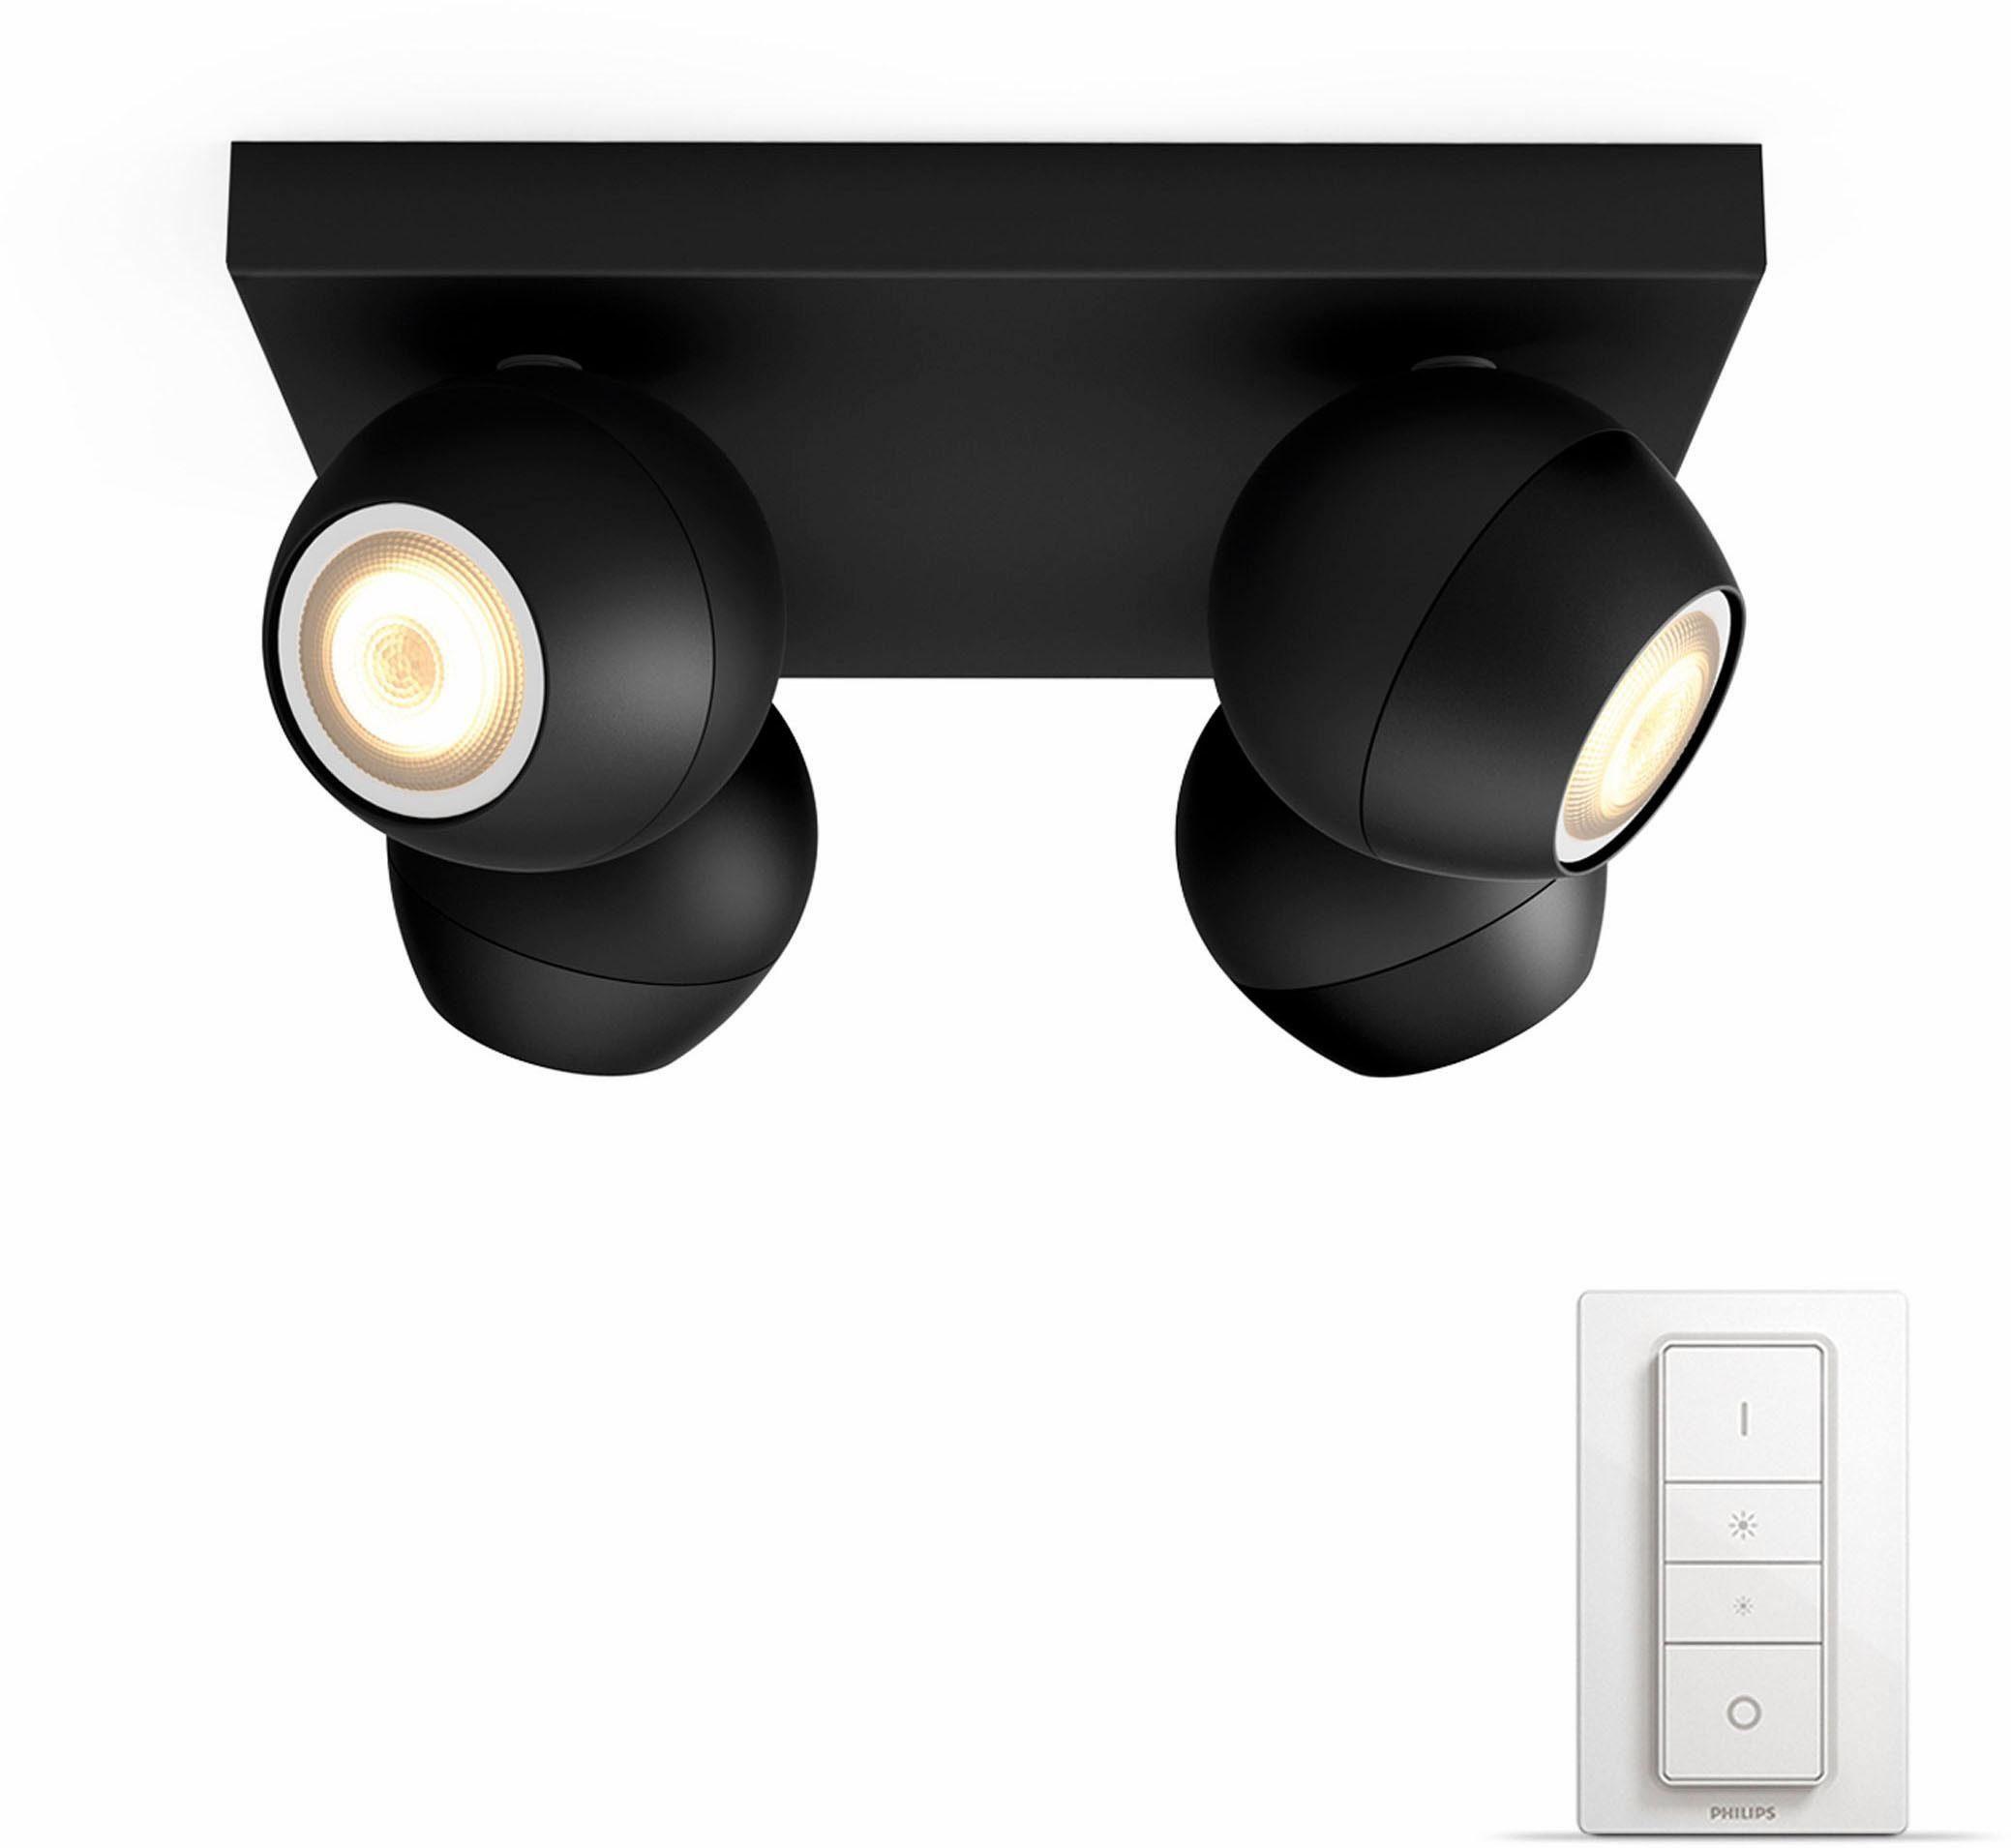 Philips Hue LED Spot Buckram schwarz 4flg. inkl. Dimmschalter. Der einf. Einstieg in Ihr Smart Home